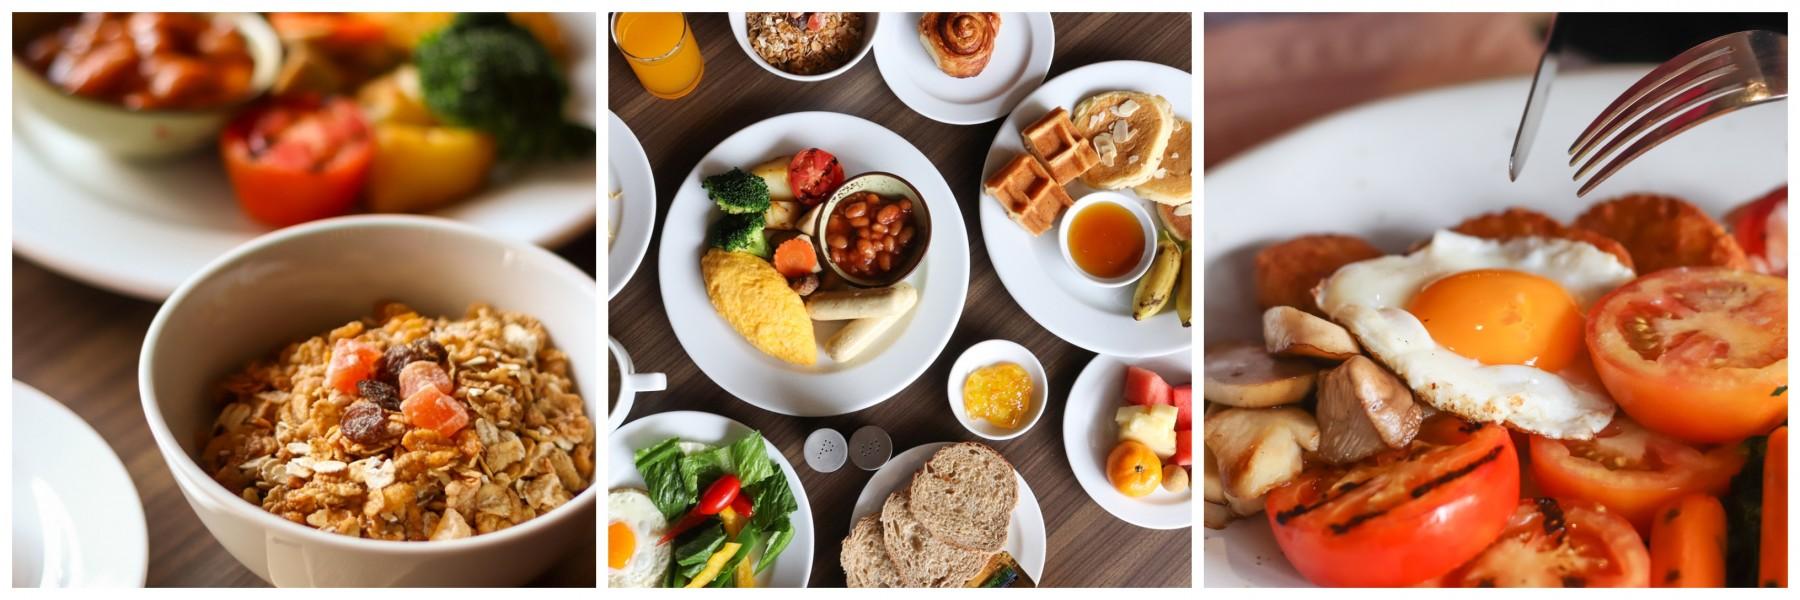 buffet breakfast in Khaosan road